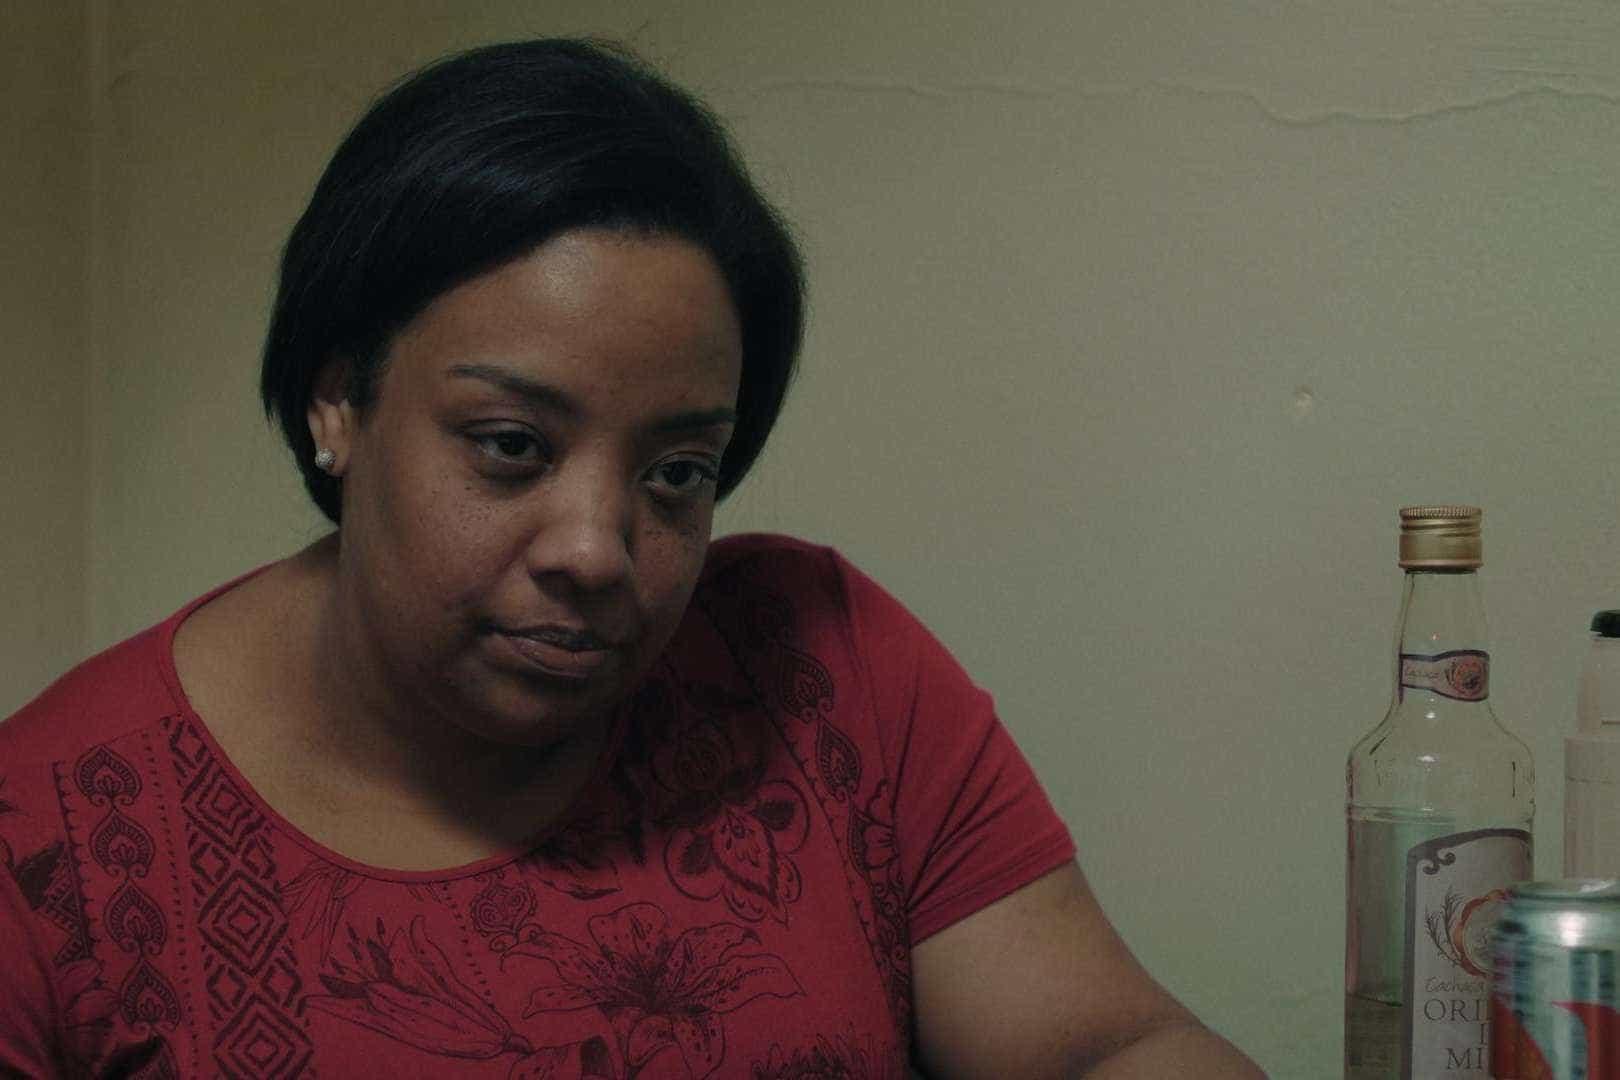 'Temporada' retrata sutilmente cotidiano de mulher negra da periferia